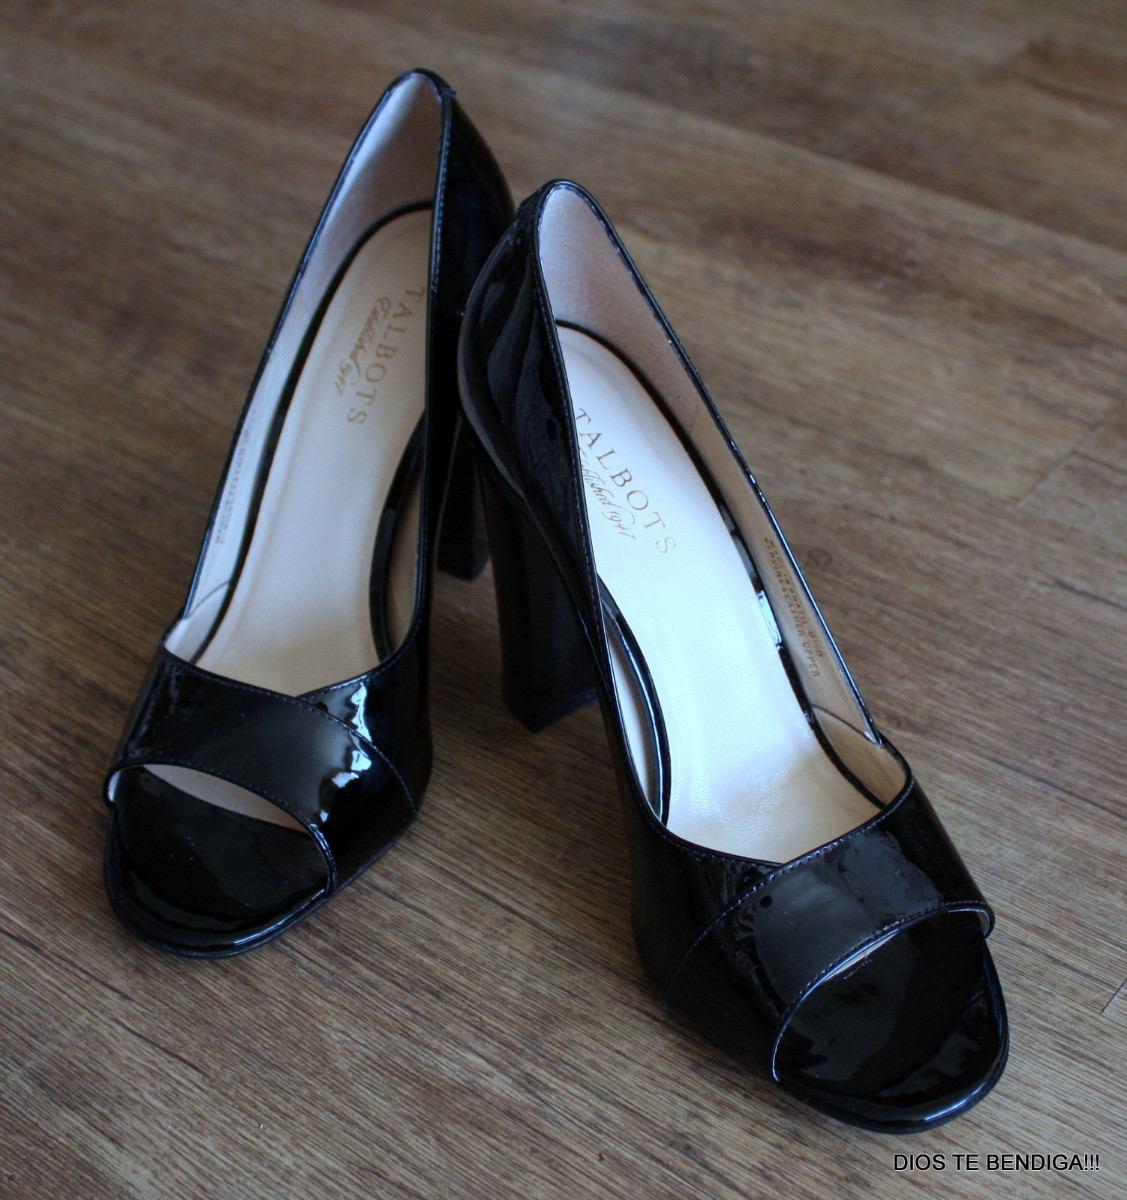 Elegantes zapatos charol negro talbots 39 en mercado libre - Charol zapateria ...